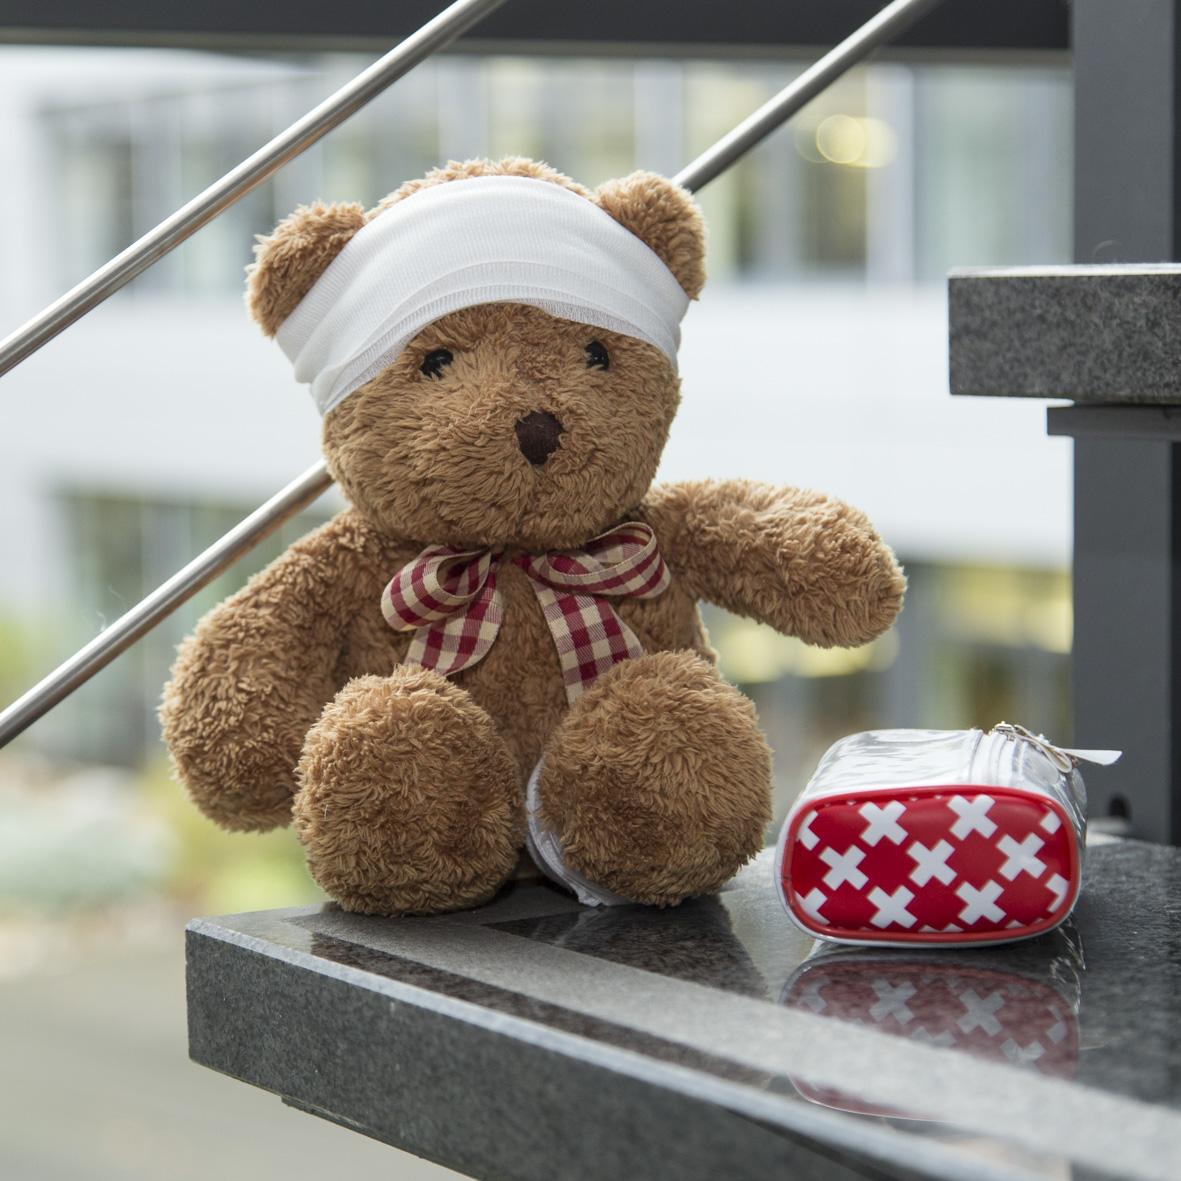 Teddy mit Kopfbinde als Symbol der Kopfschmerzen bei Veränderung und Orientierung